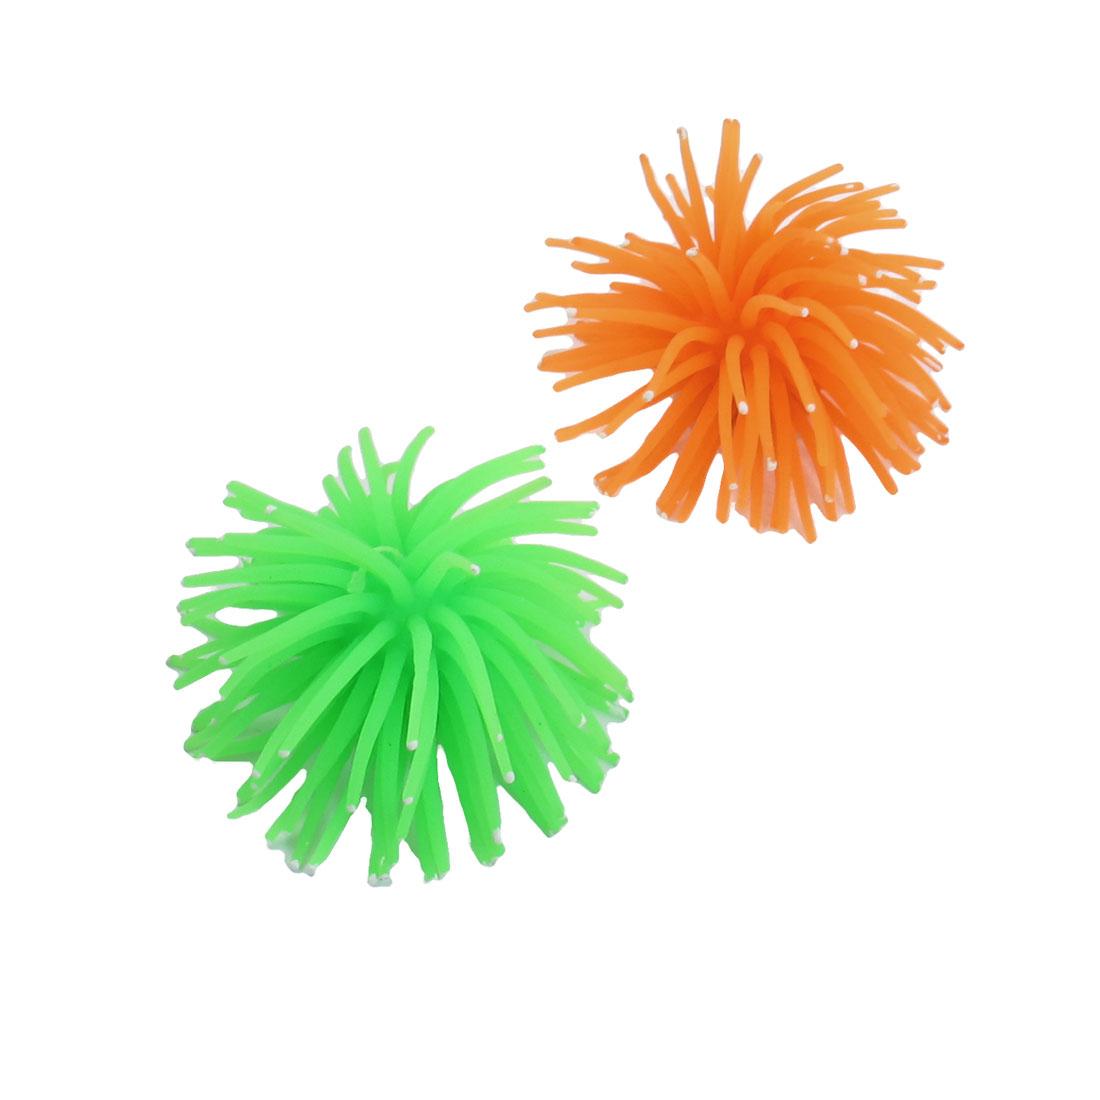 2 Pcs White Dot Orange Green Soft Silicone Corals Ornament for Fish Tank